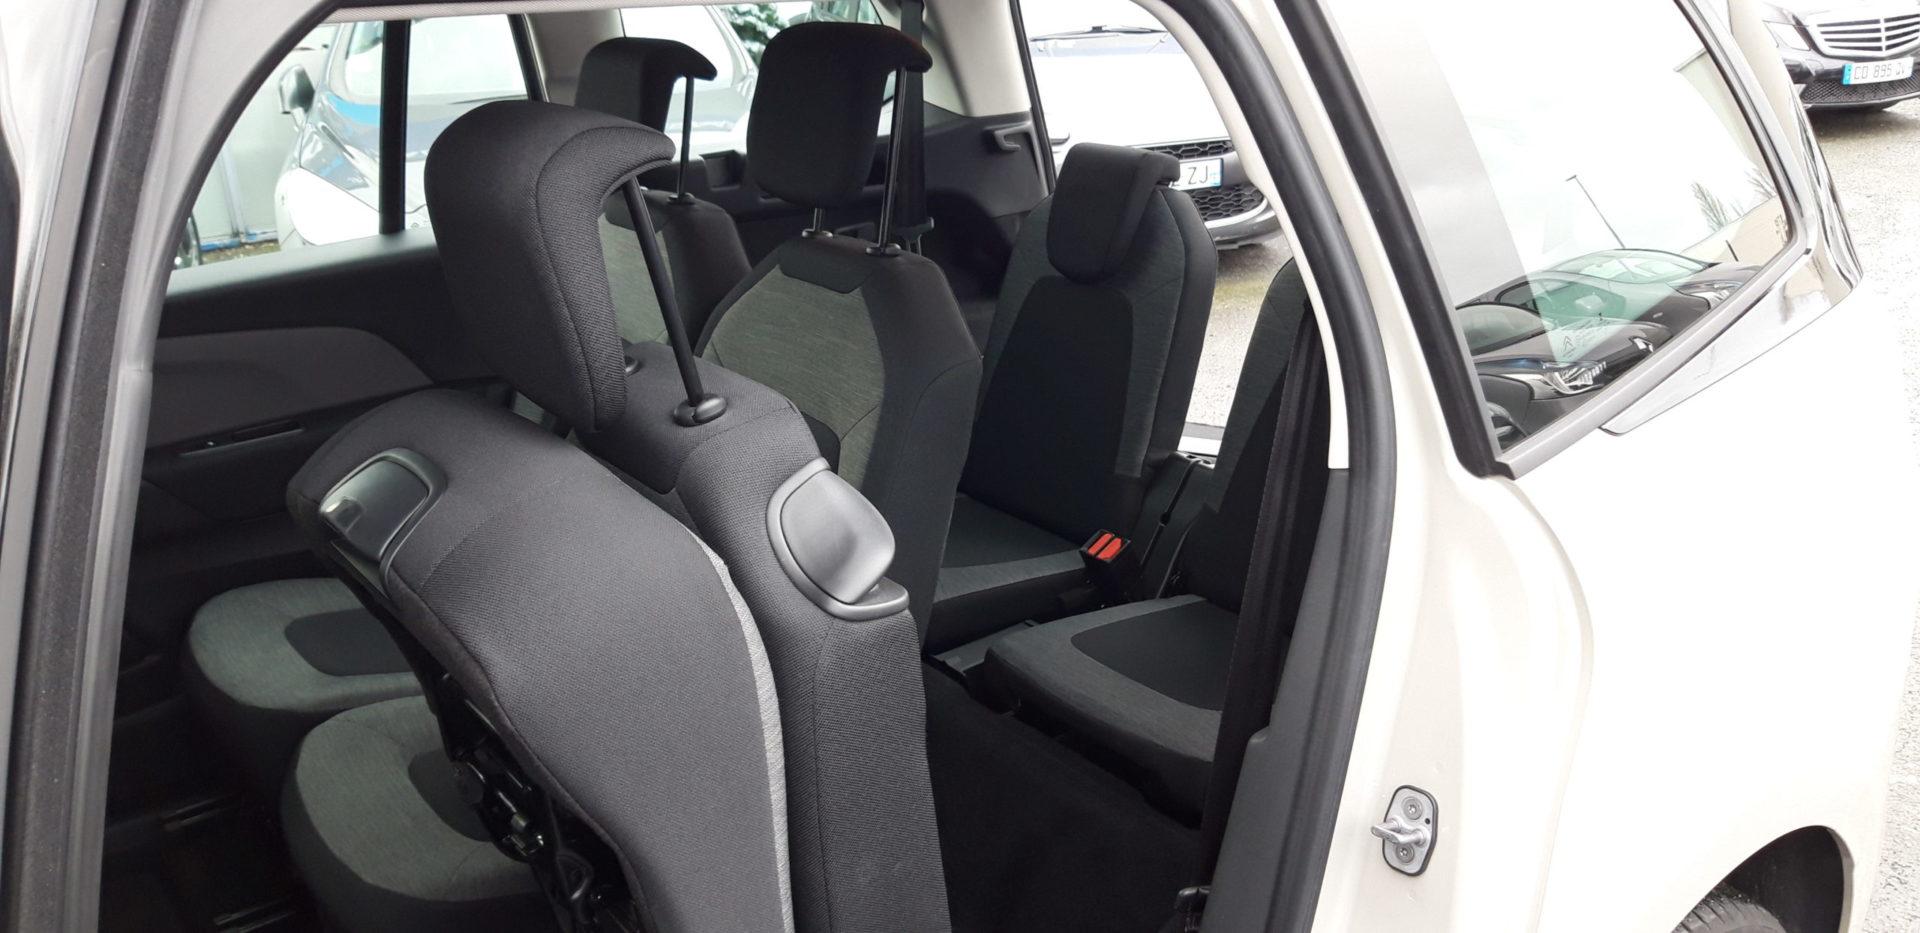 Garage Jallier Tharreau Garage Automobile Cholet Location Vehicule 9 Places 20201219 145146 1391